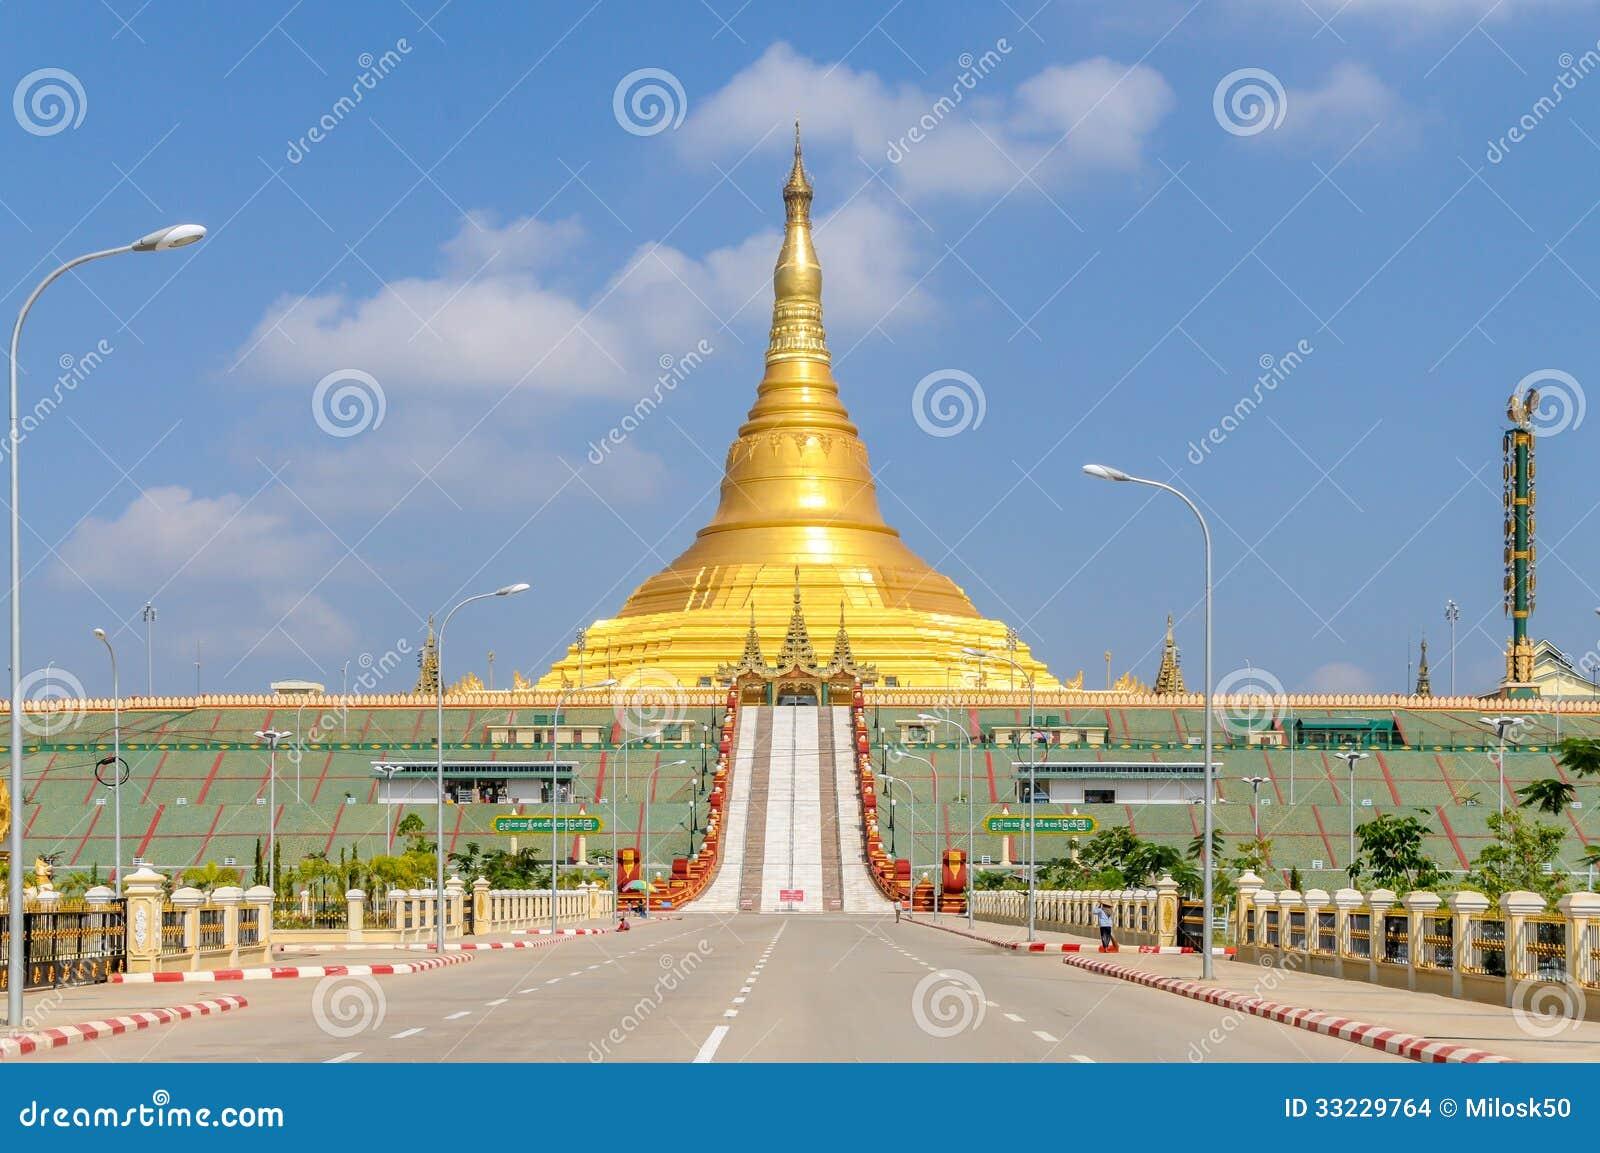 Uppatasanti pagod - Nay Pyi Taw